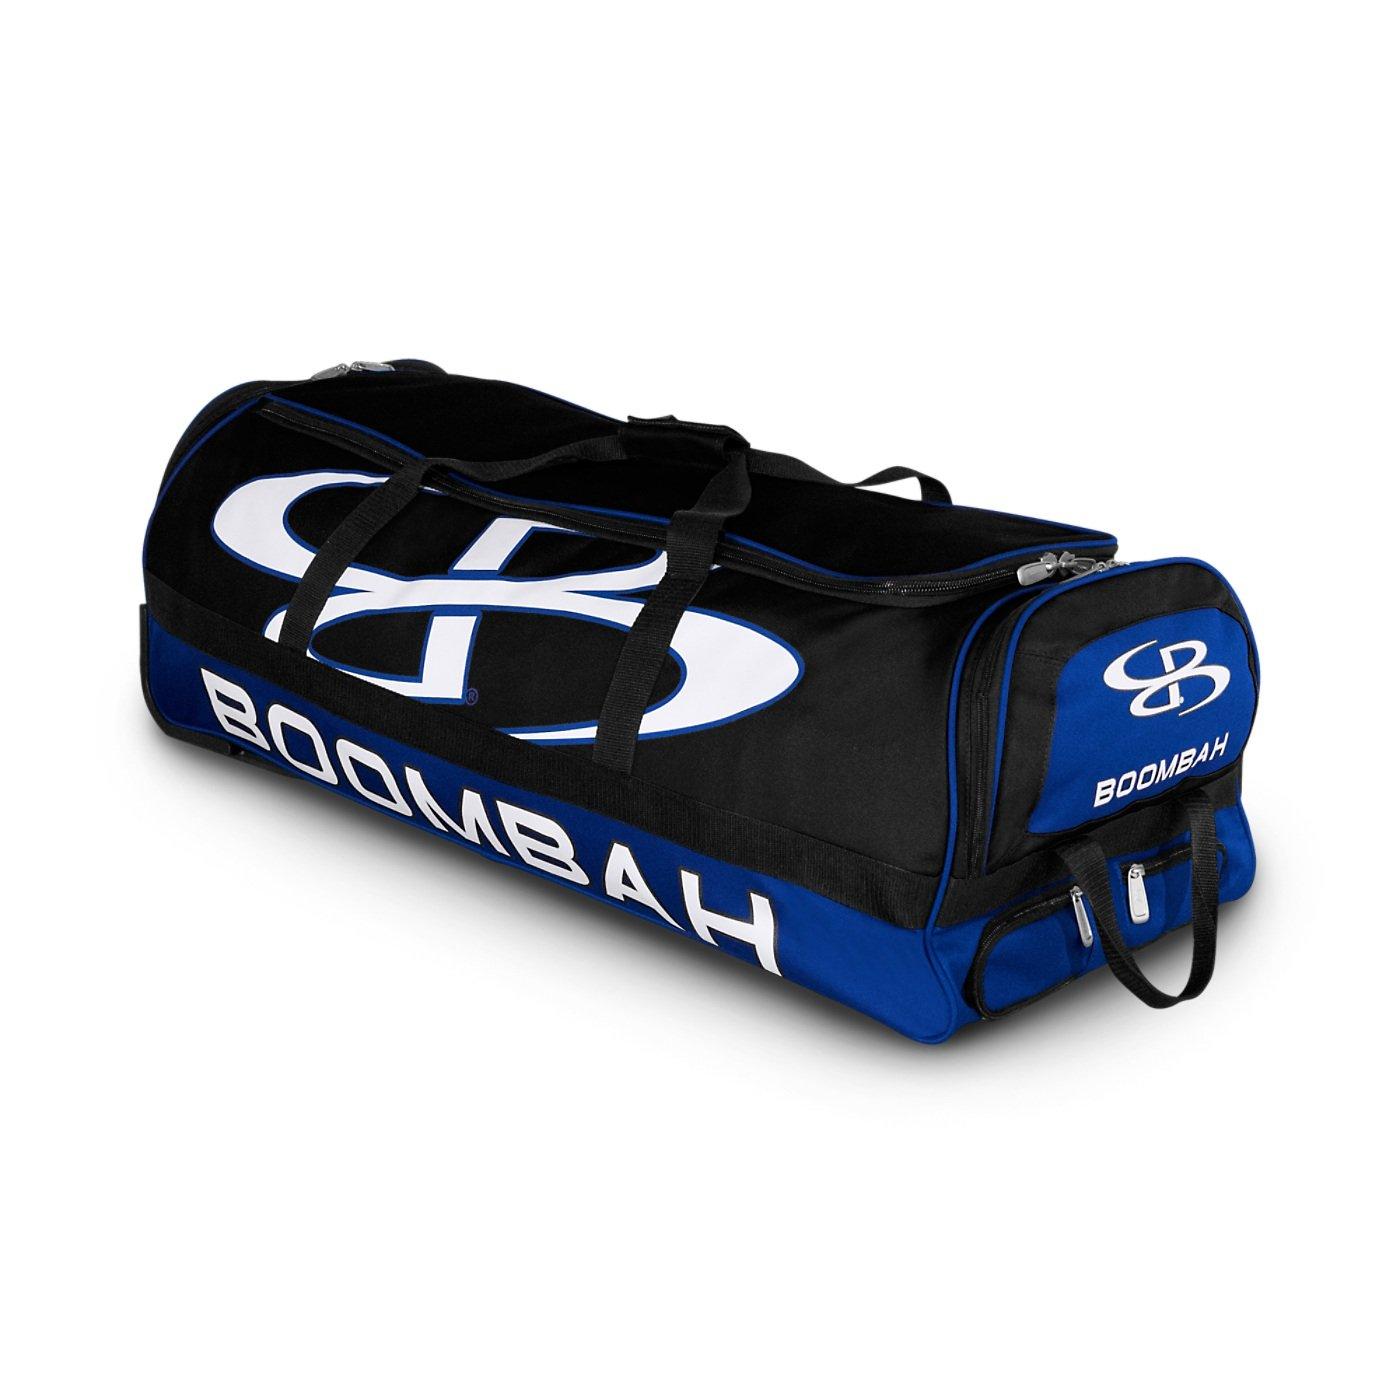 (ブームバー) Boombah Bruteシリーズ キャスター付きバットケース 野球ソフトボール用 35×15×12–1/2インチ 49色展開 4本のバットと用具を収納可能 B01MSOL7AX ブラック/ロイヤル(royal) ブラック/ロイヤル(royal)